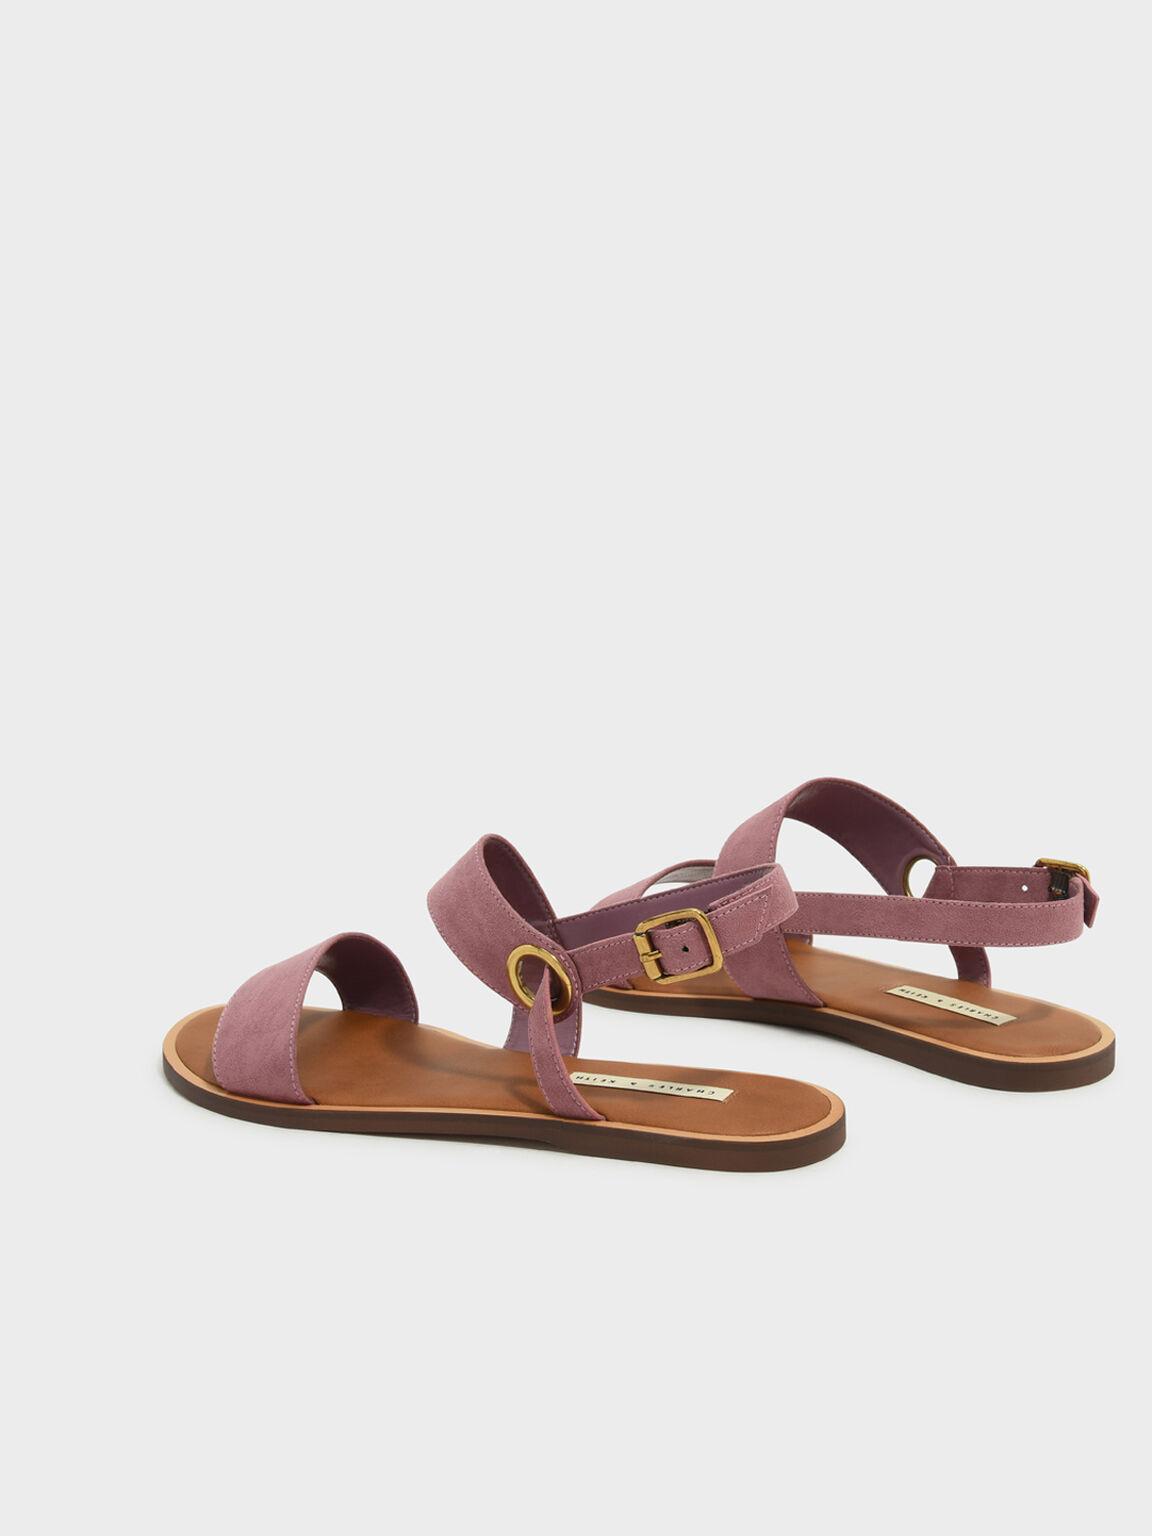 Asymmetrical Sling Back Sandals, Pink, hi-res